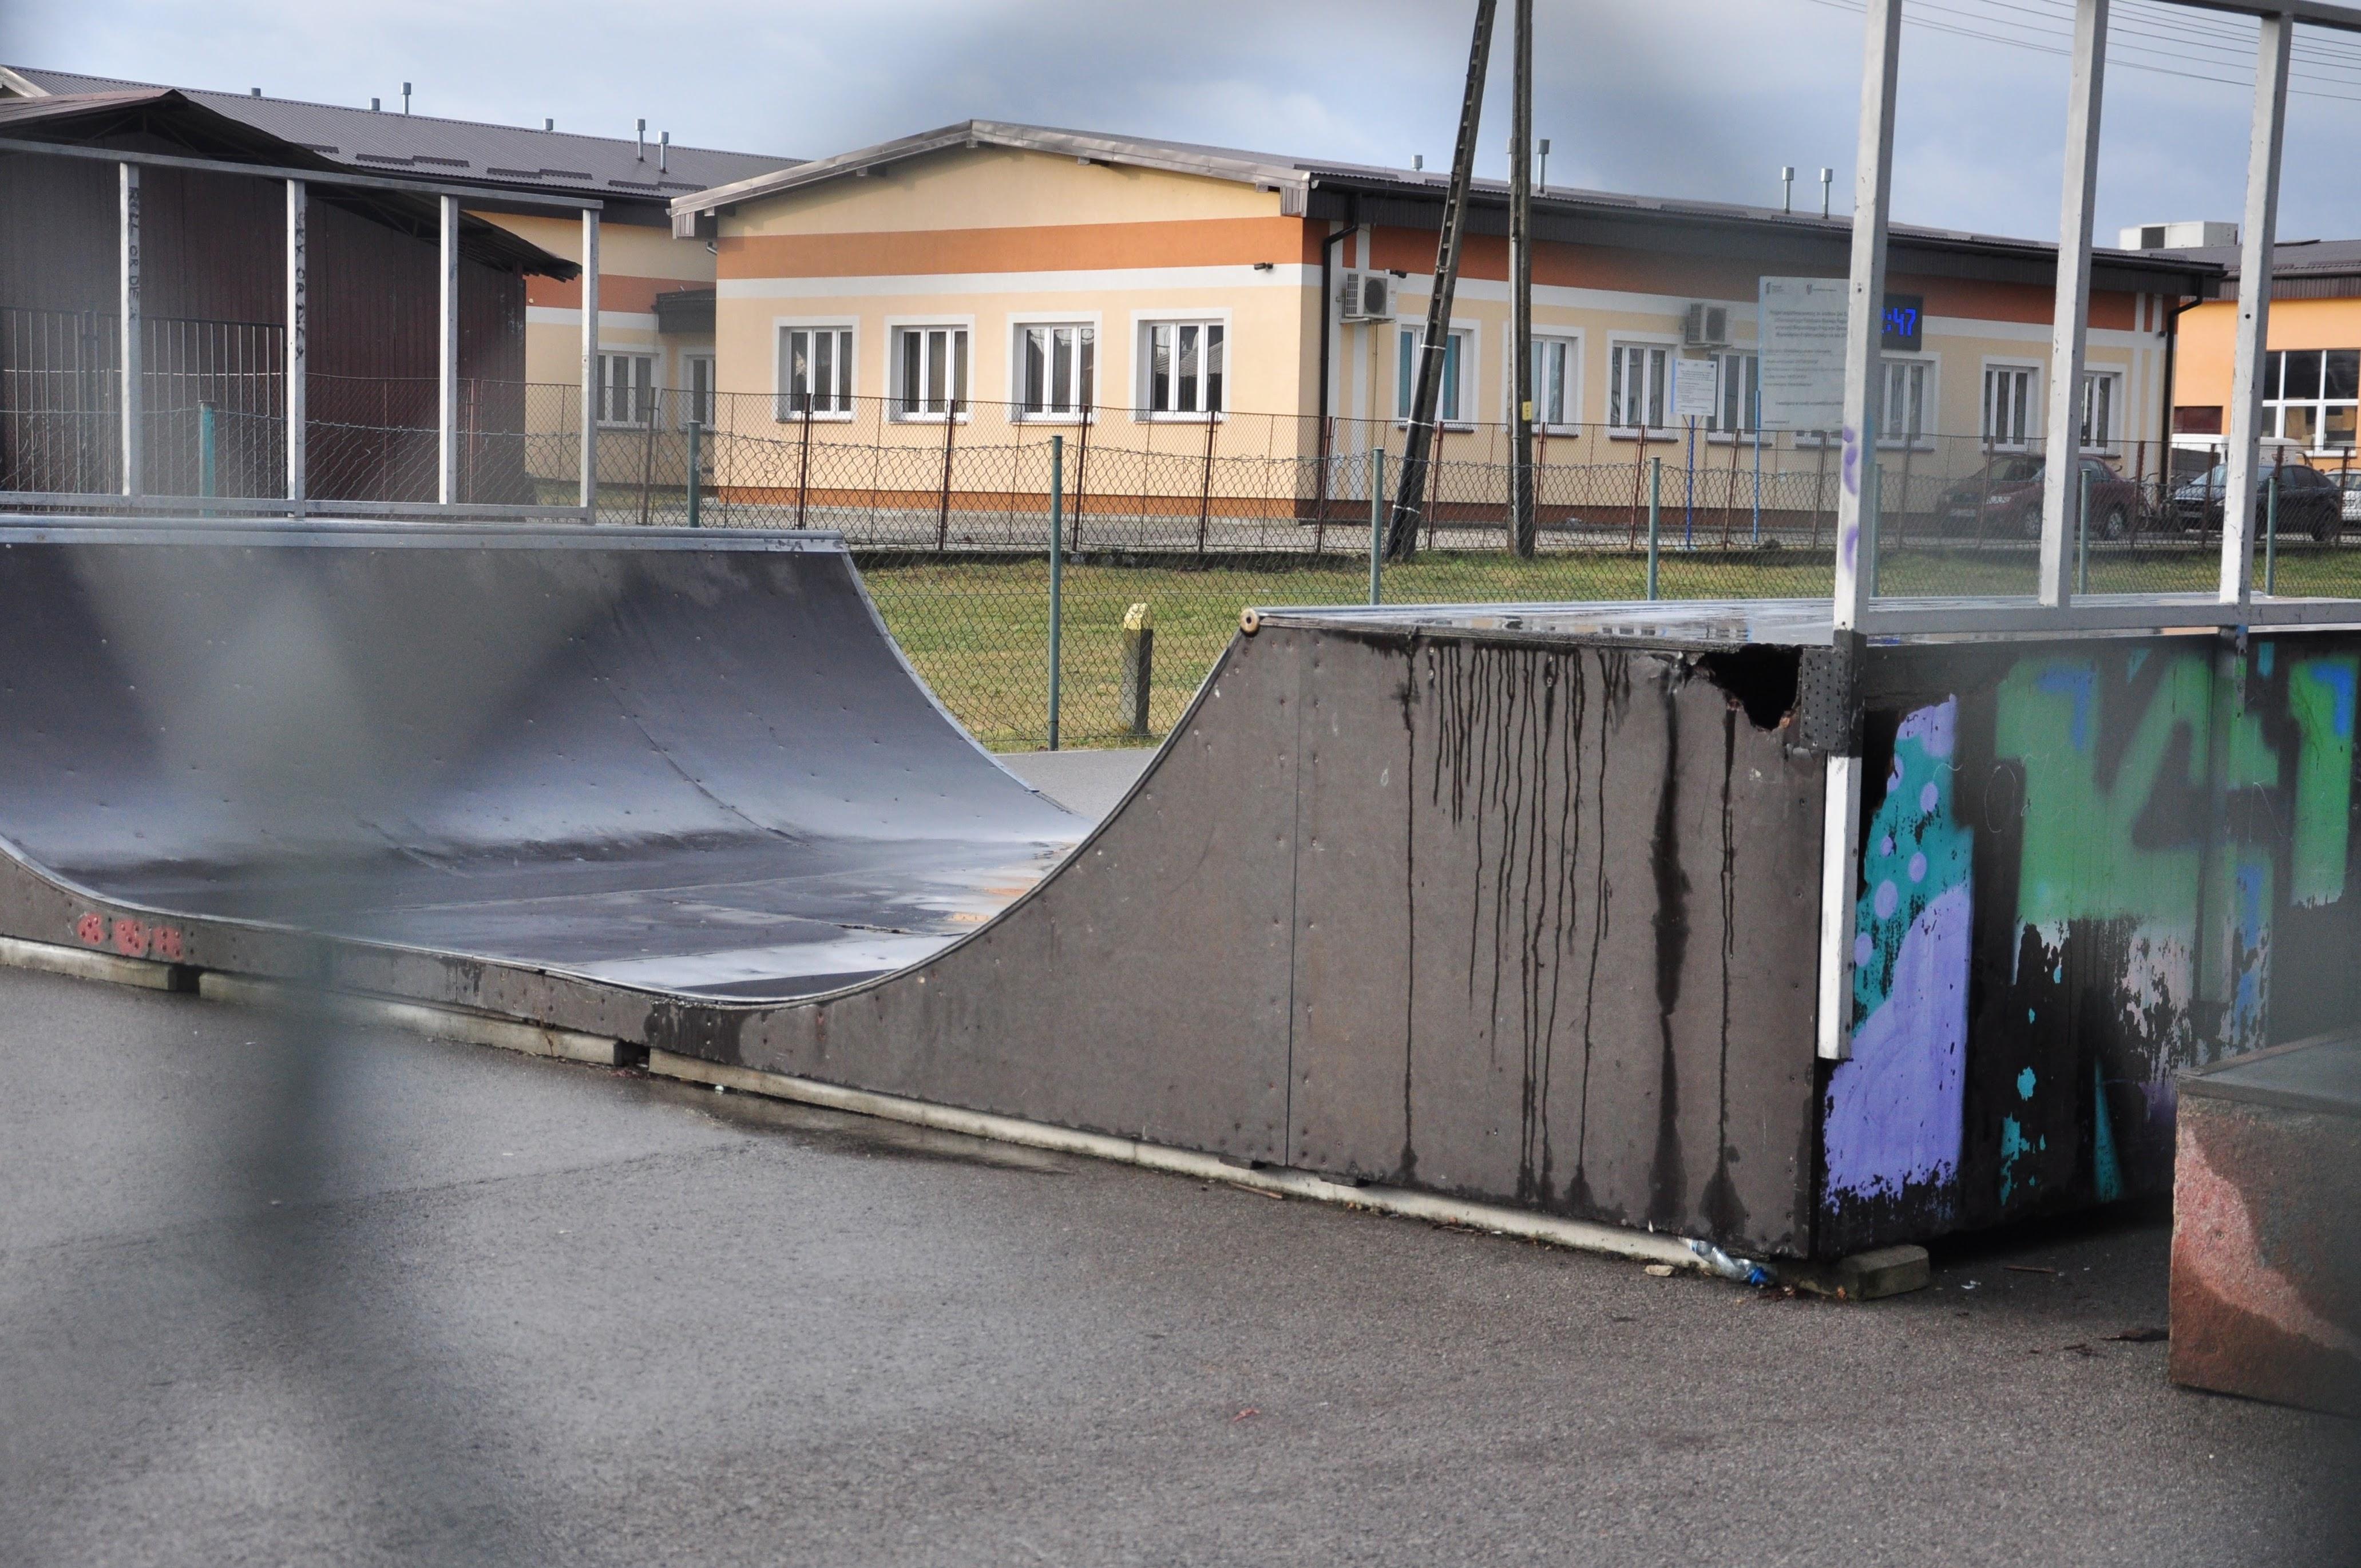 Jest petycja w sprawie kolbuszowskiego skateparku  - Zdjęcie główne